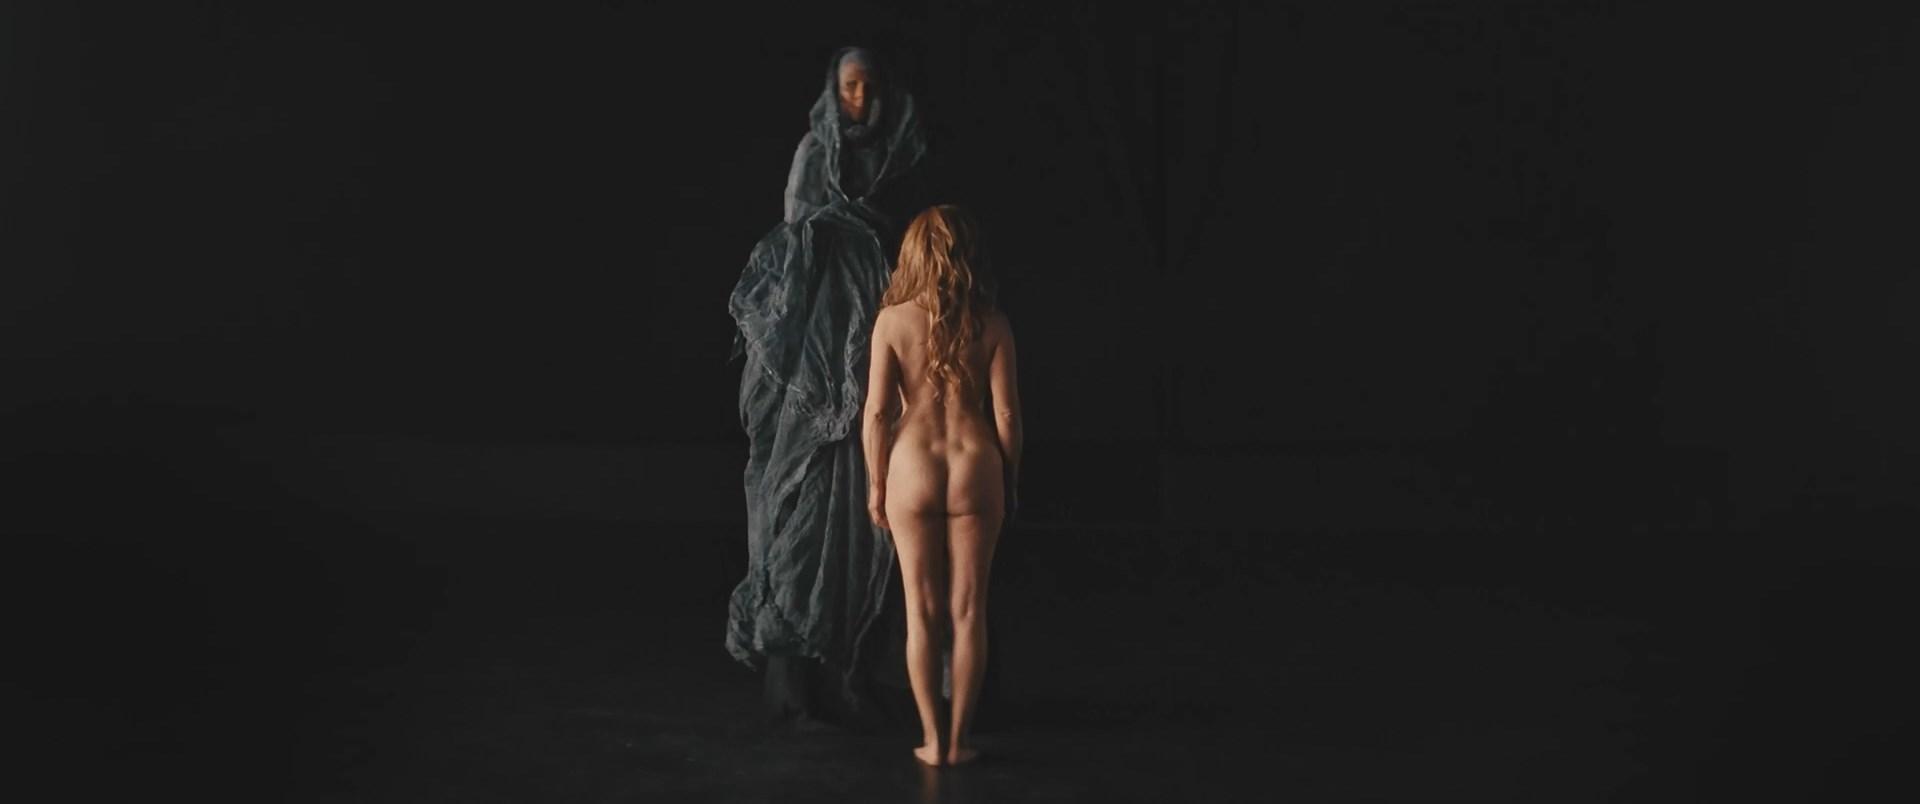 Katarzyna Dabrowska nude - Genesis (2019)